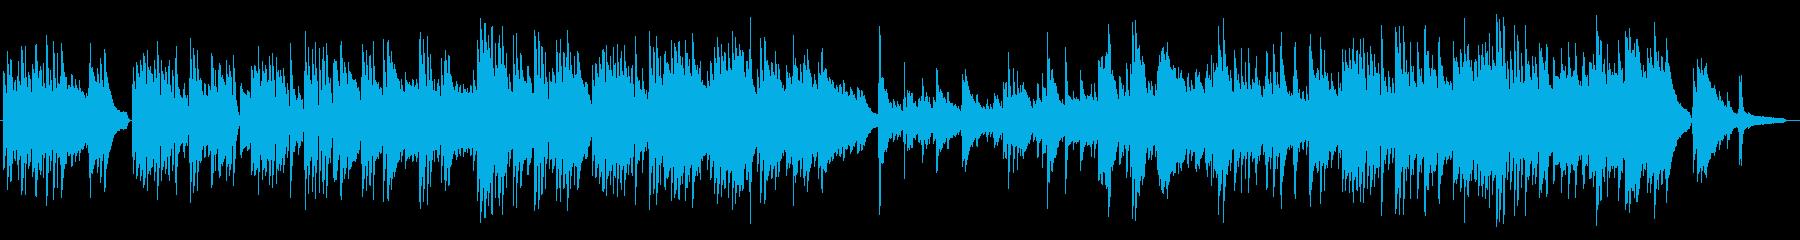 幸せ感の溢れるピアノBGMの再生済みの波形